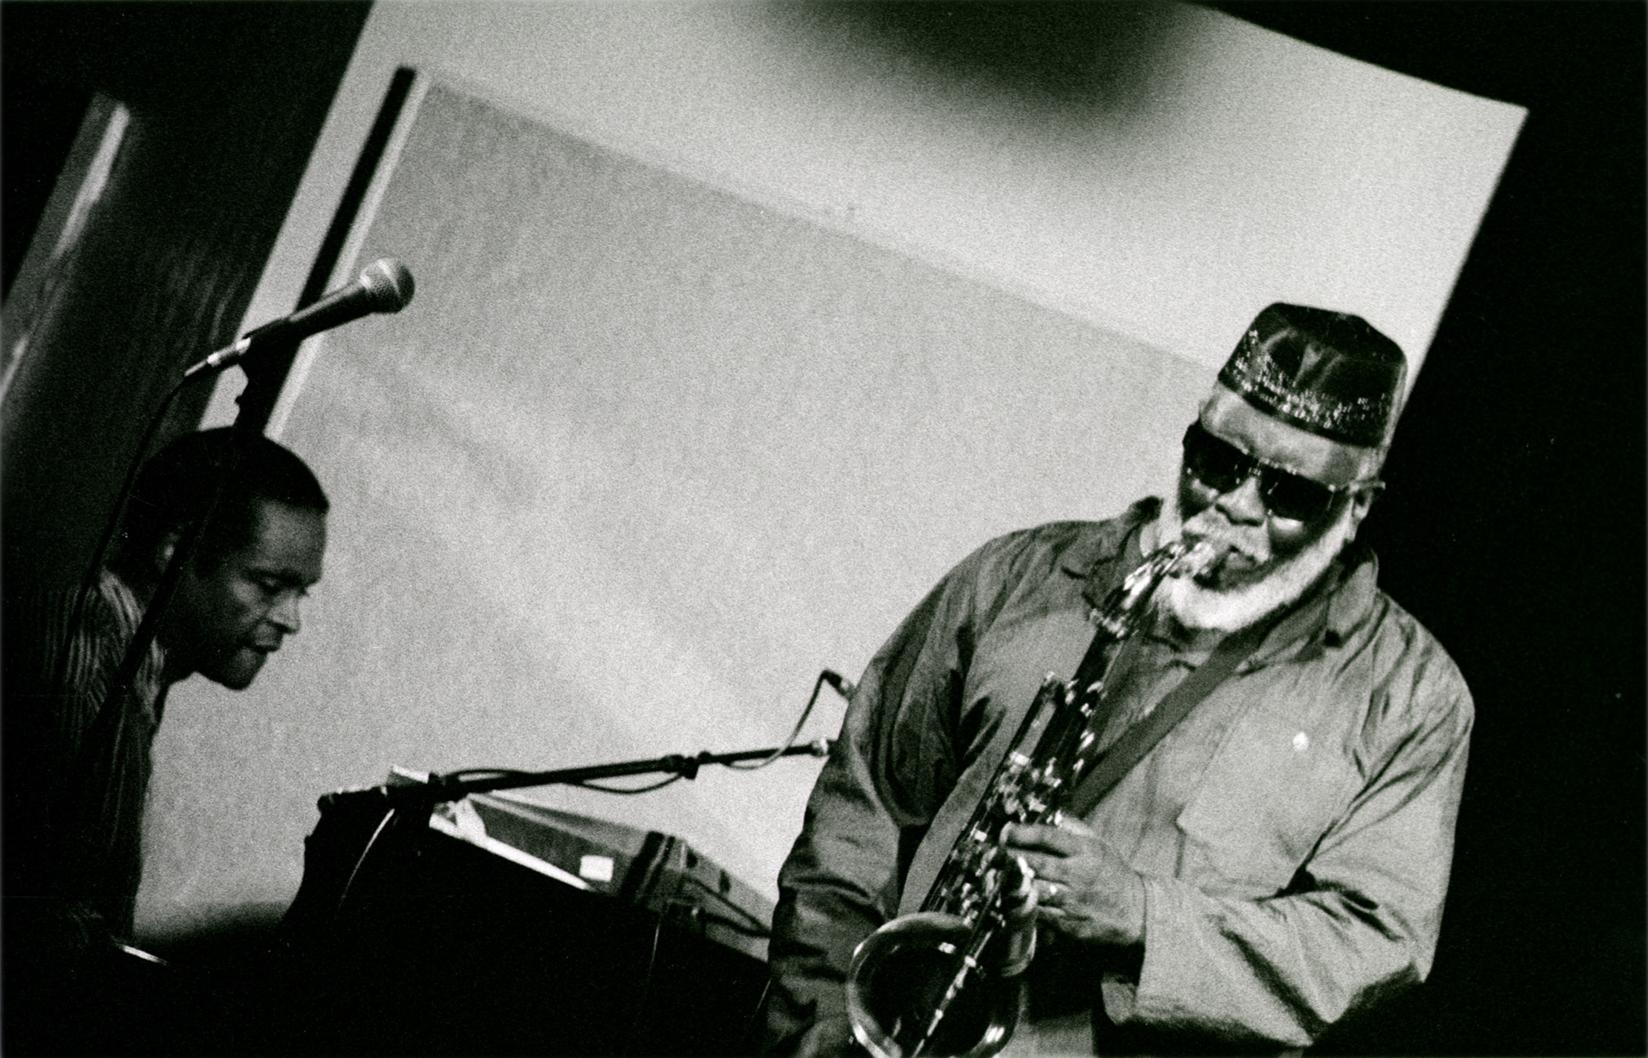 Pharoah Sanders, Kuumbwa Jazz Club, Santa Cruz, 1997